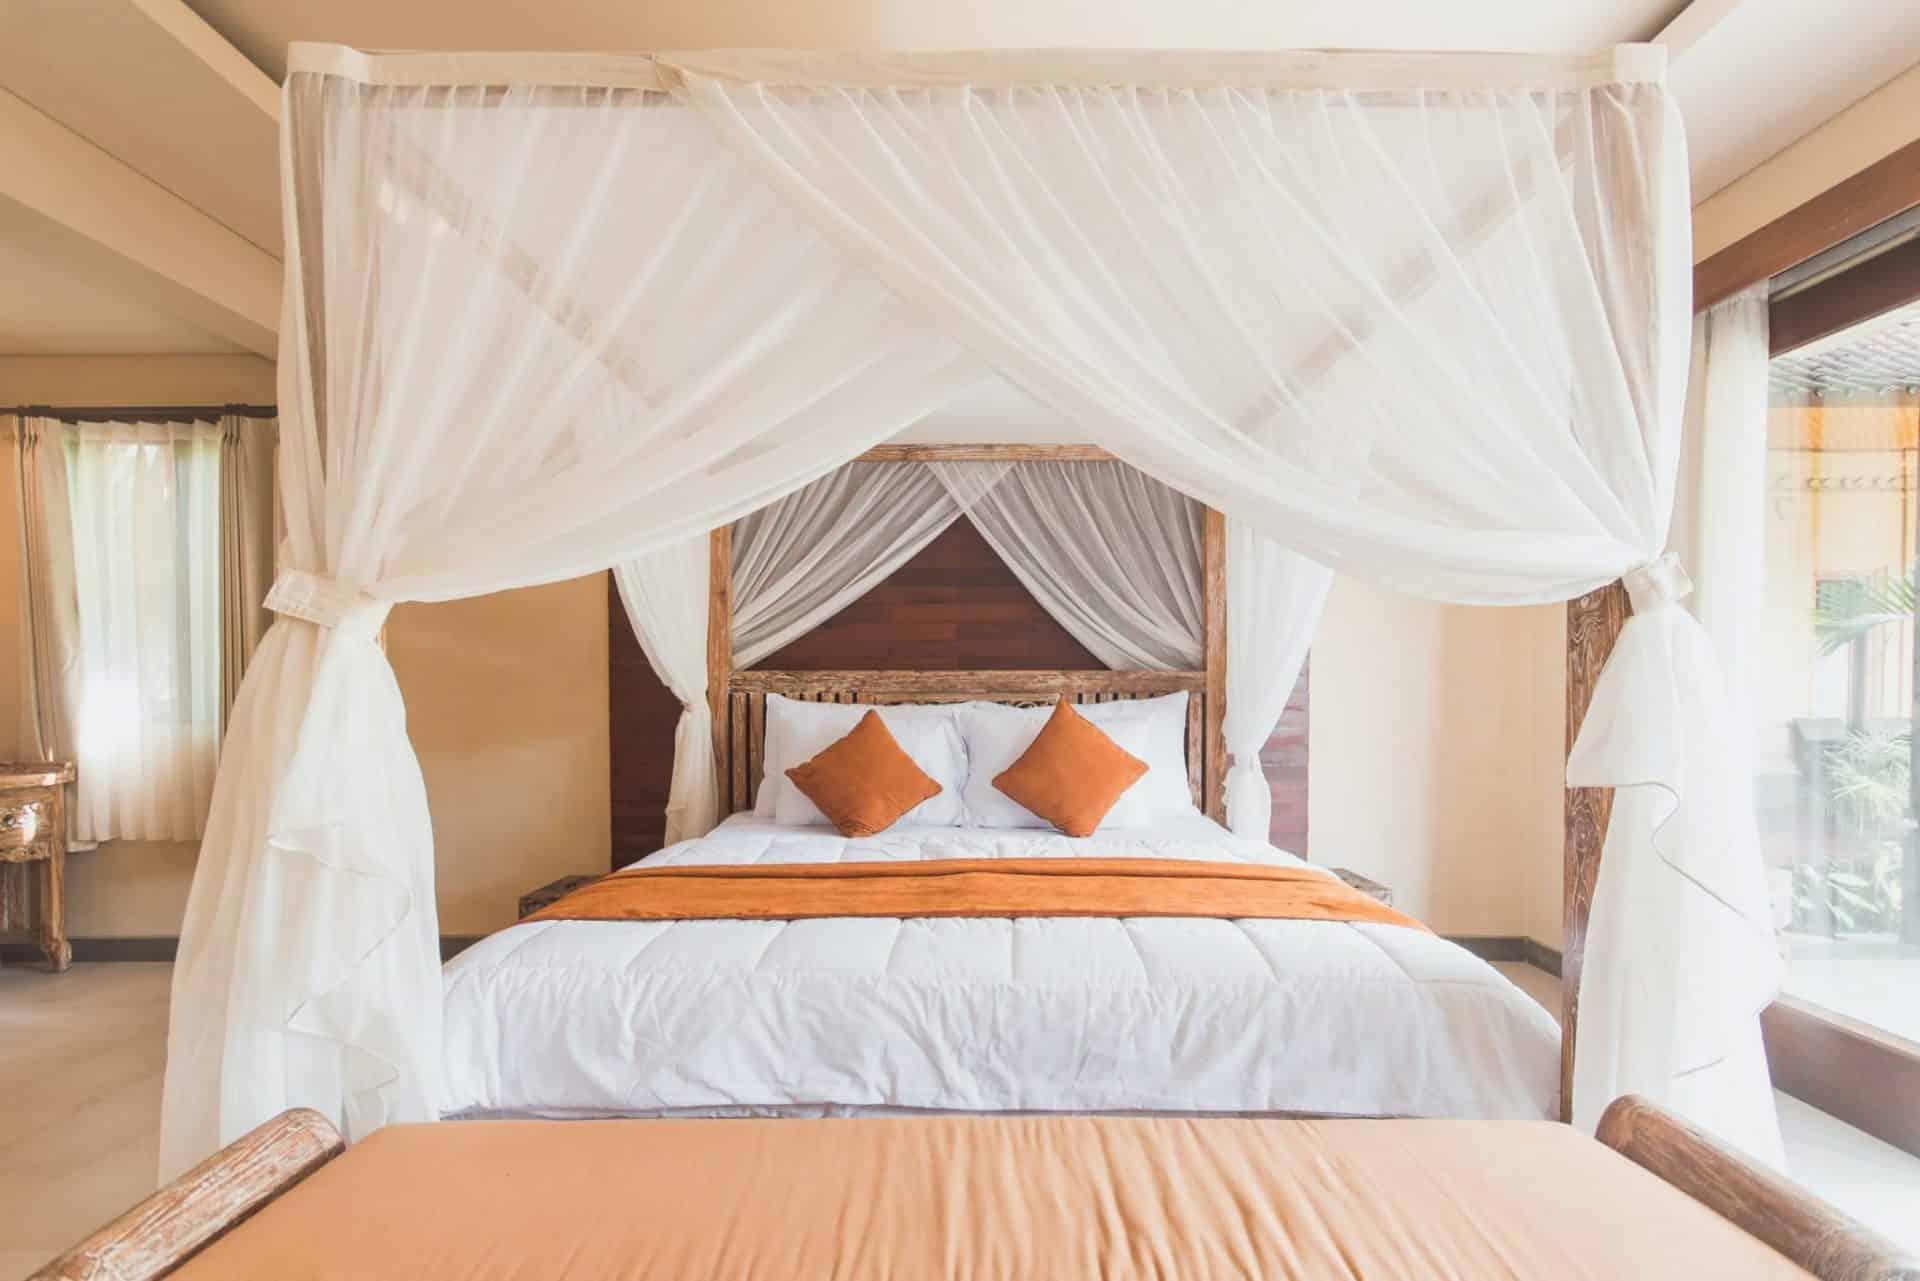 Beds - comfy, but dangerous!